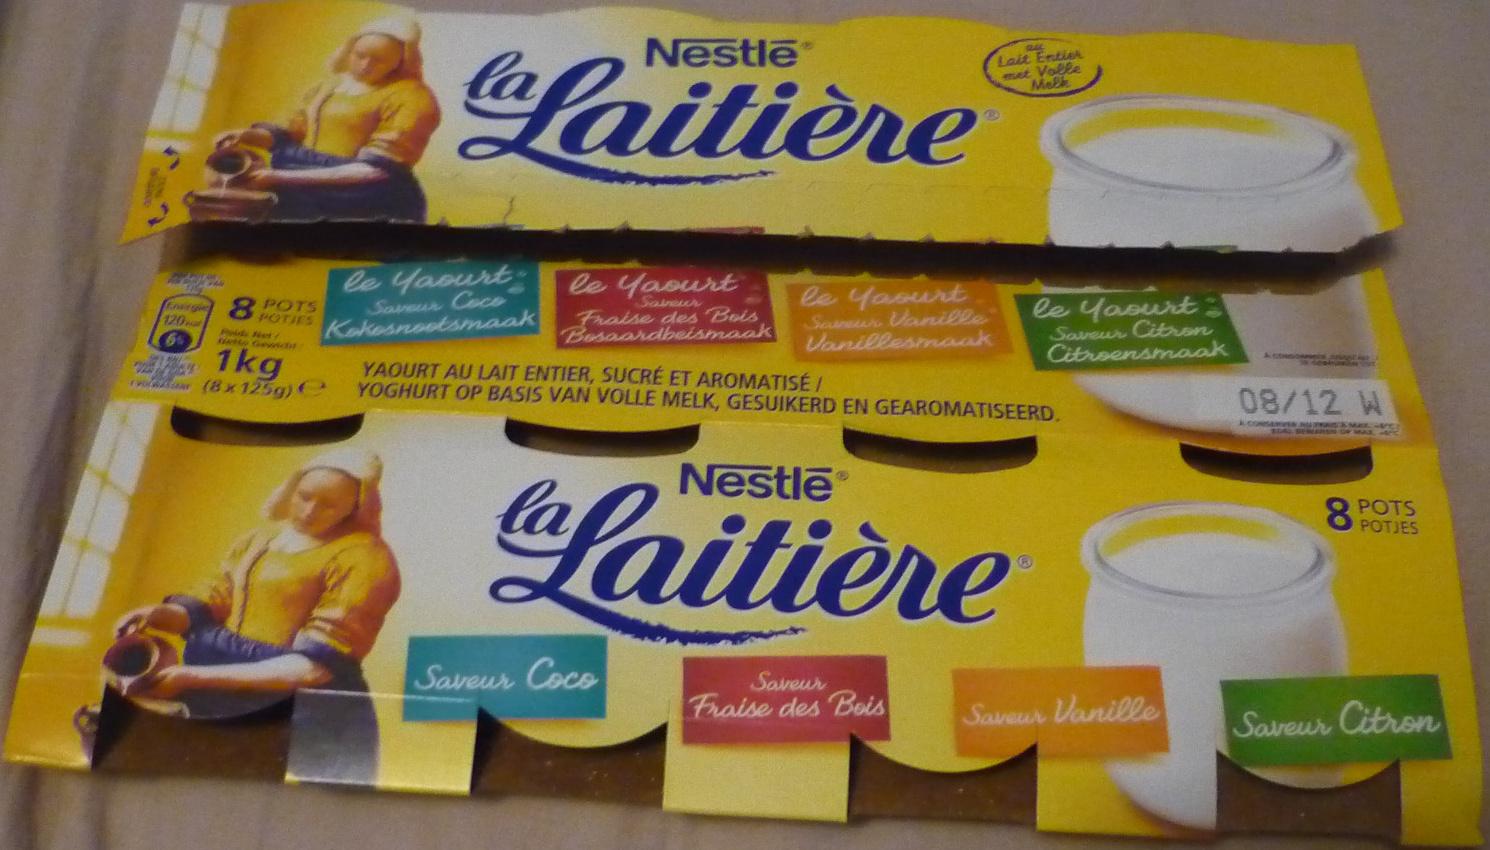 Yaourt au lait entier sucr et aromatis saveurs coco for Chambre 13 vanille et citron